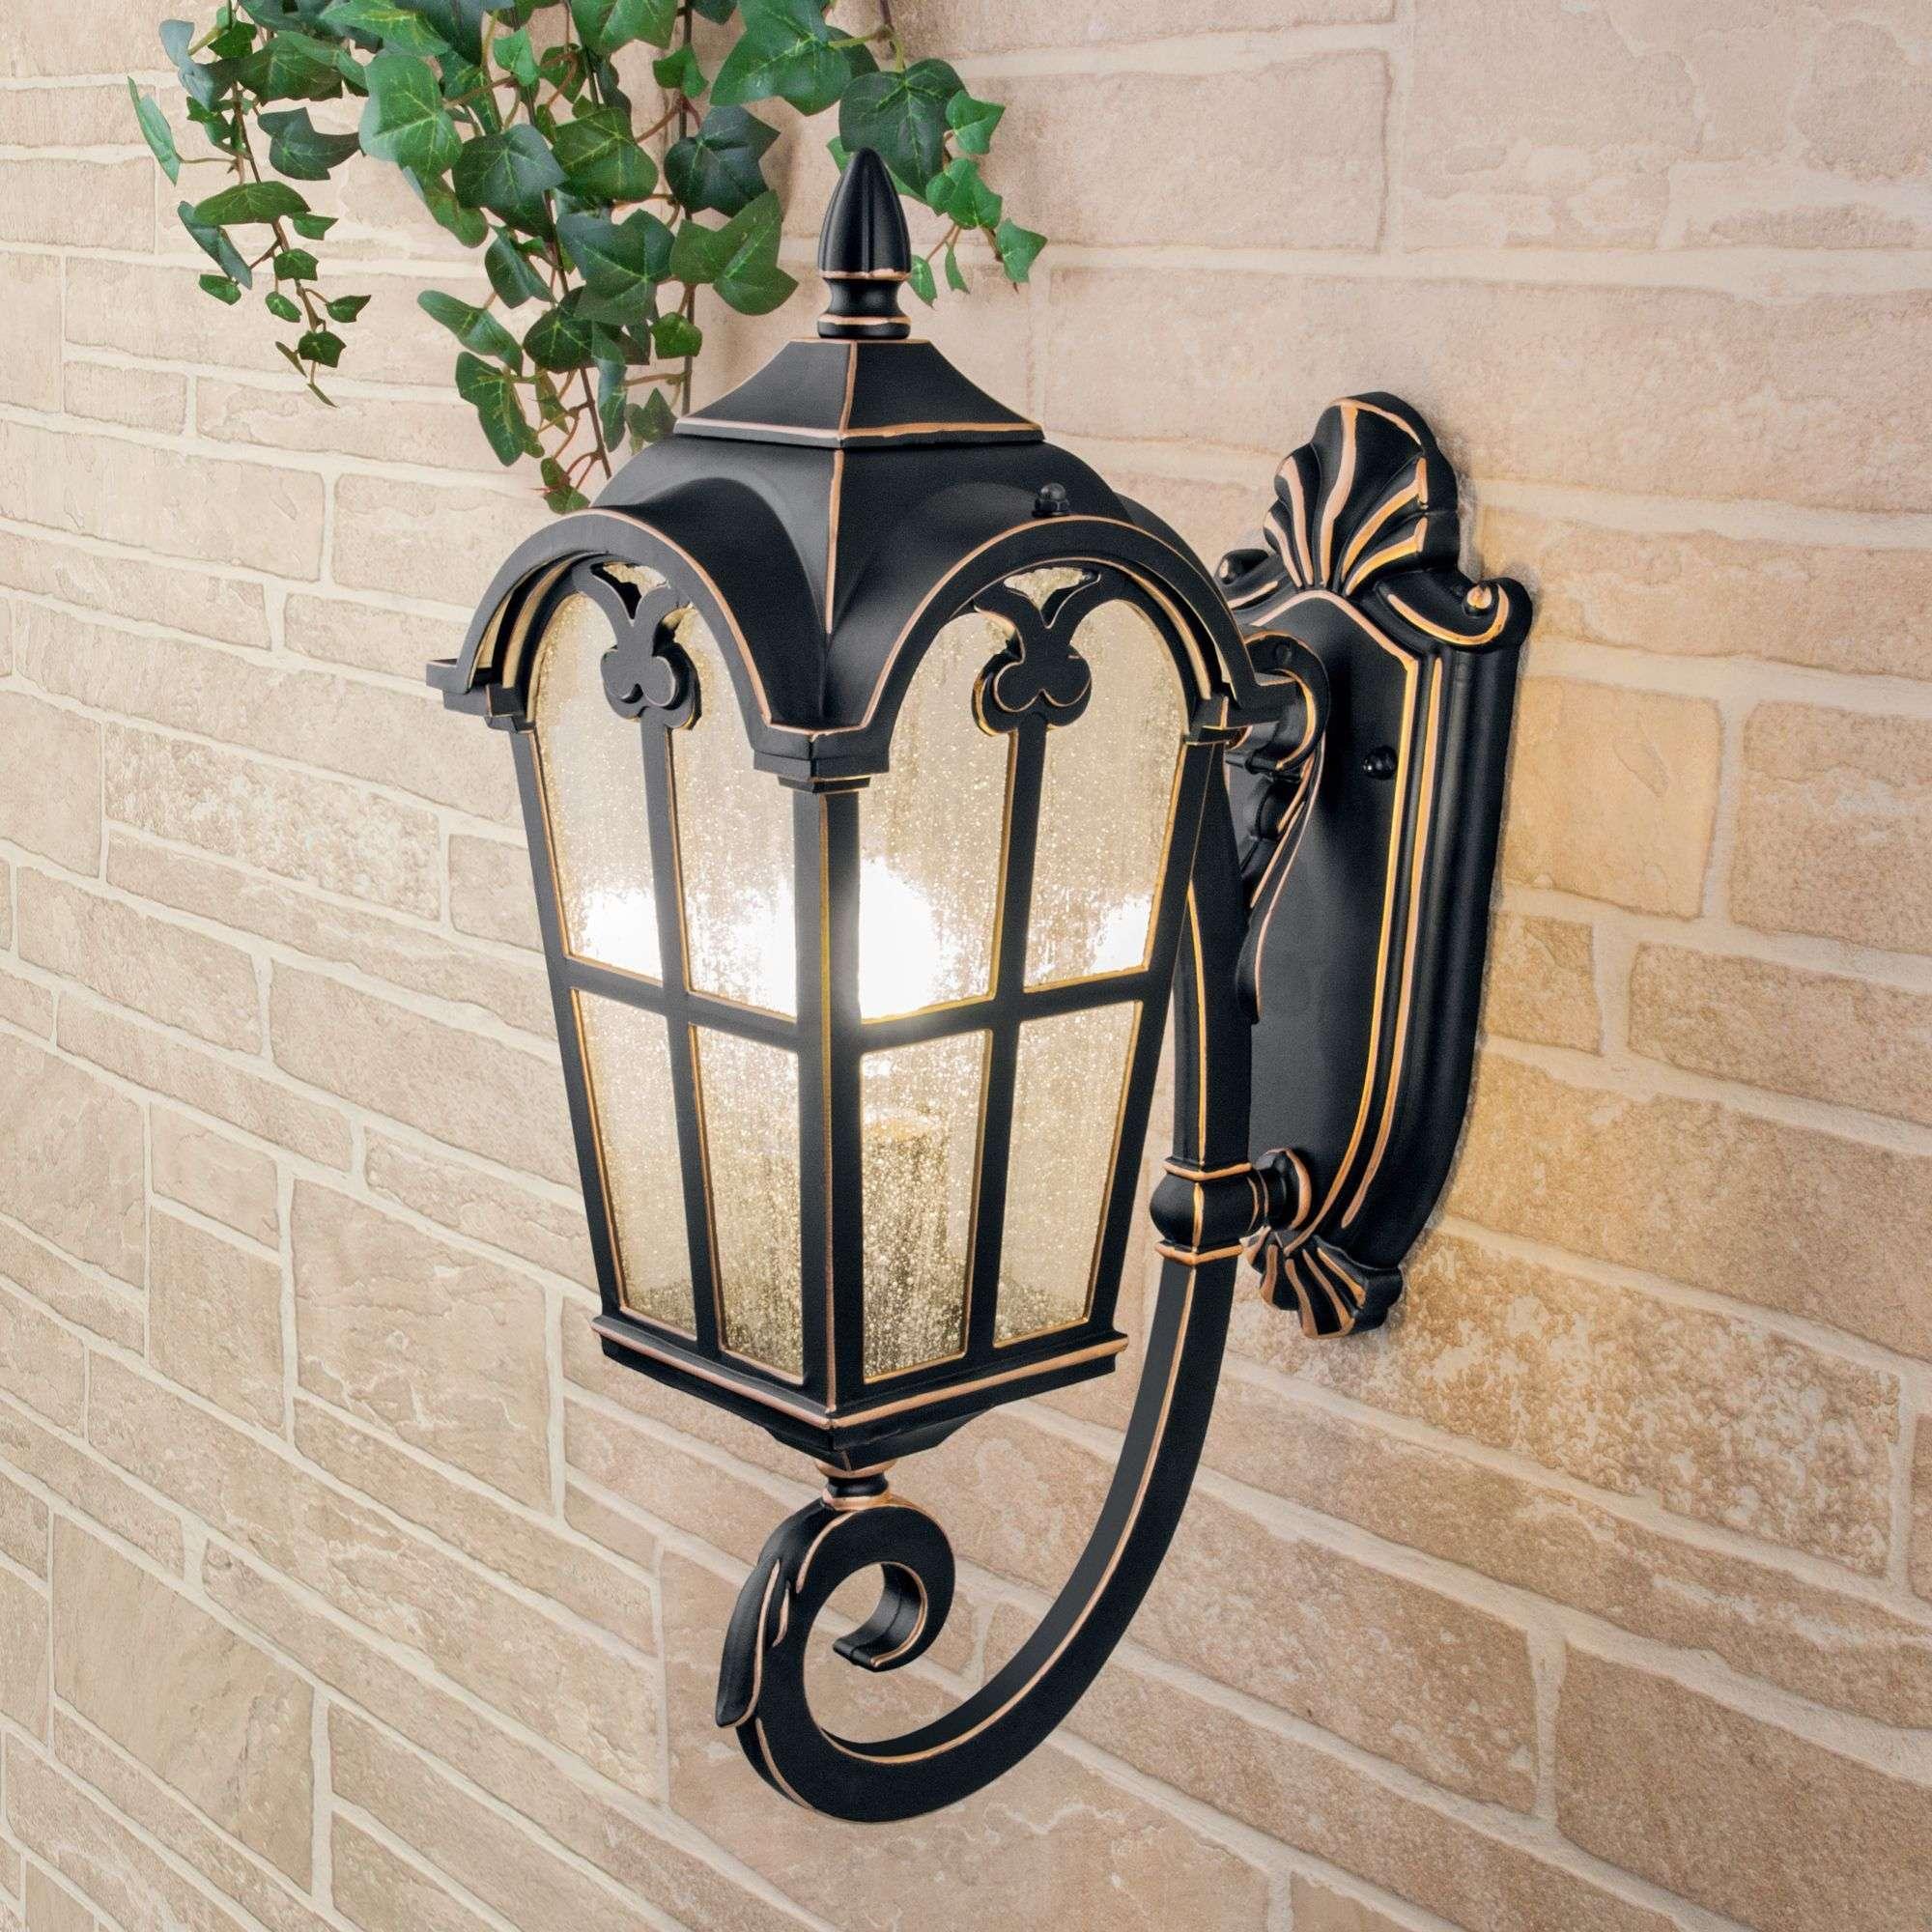 Уличный настенный светильник Mira U черное золото IP44 Mira U черное золото